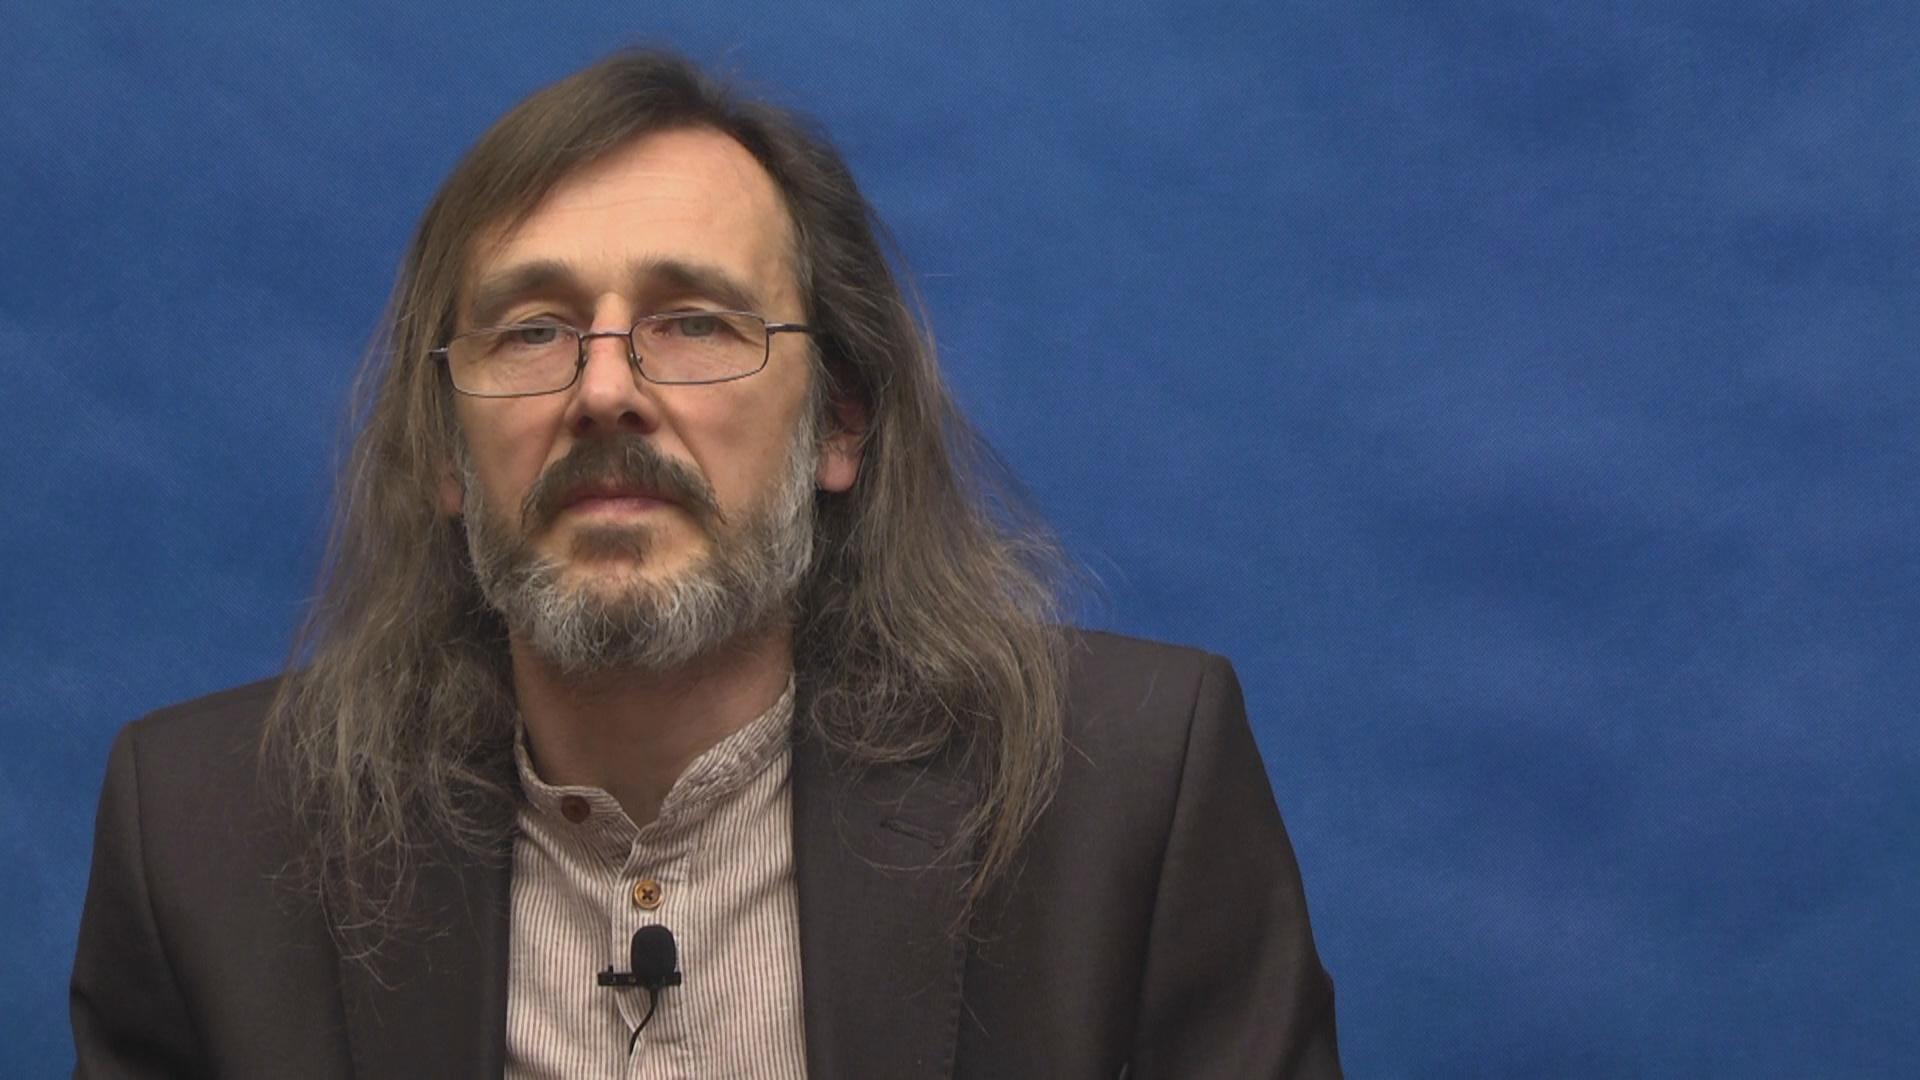 Arkadiusz Kraska wyszedł z więzienia po prawie 20 latach odsiadki